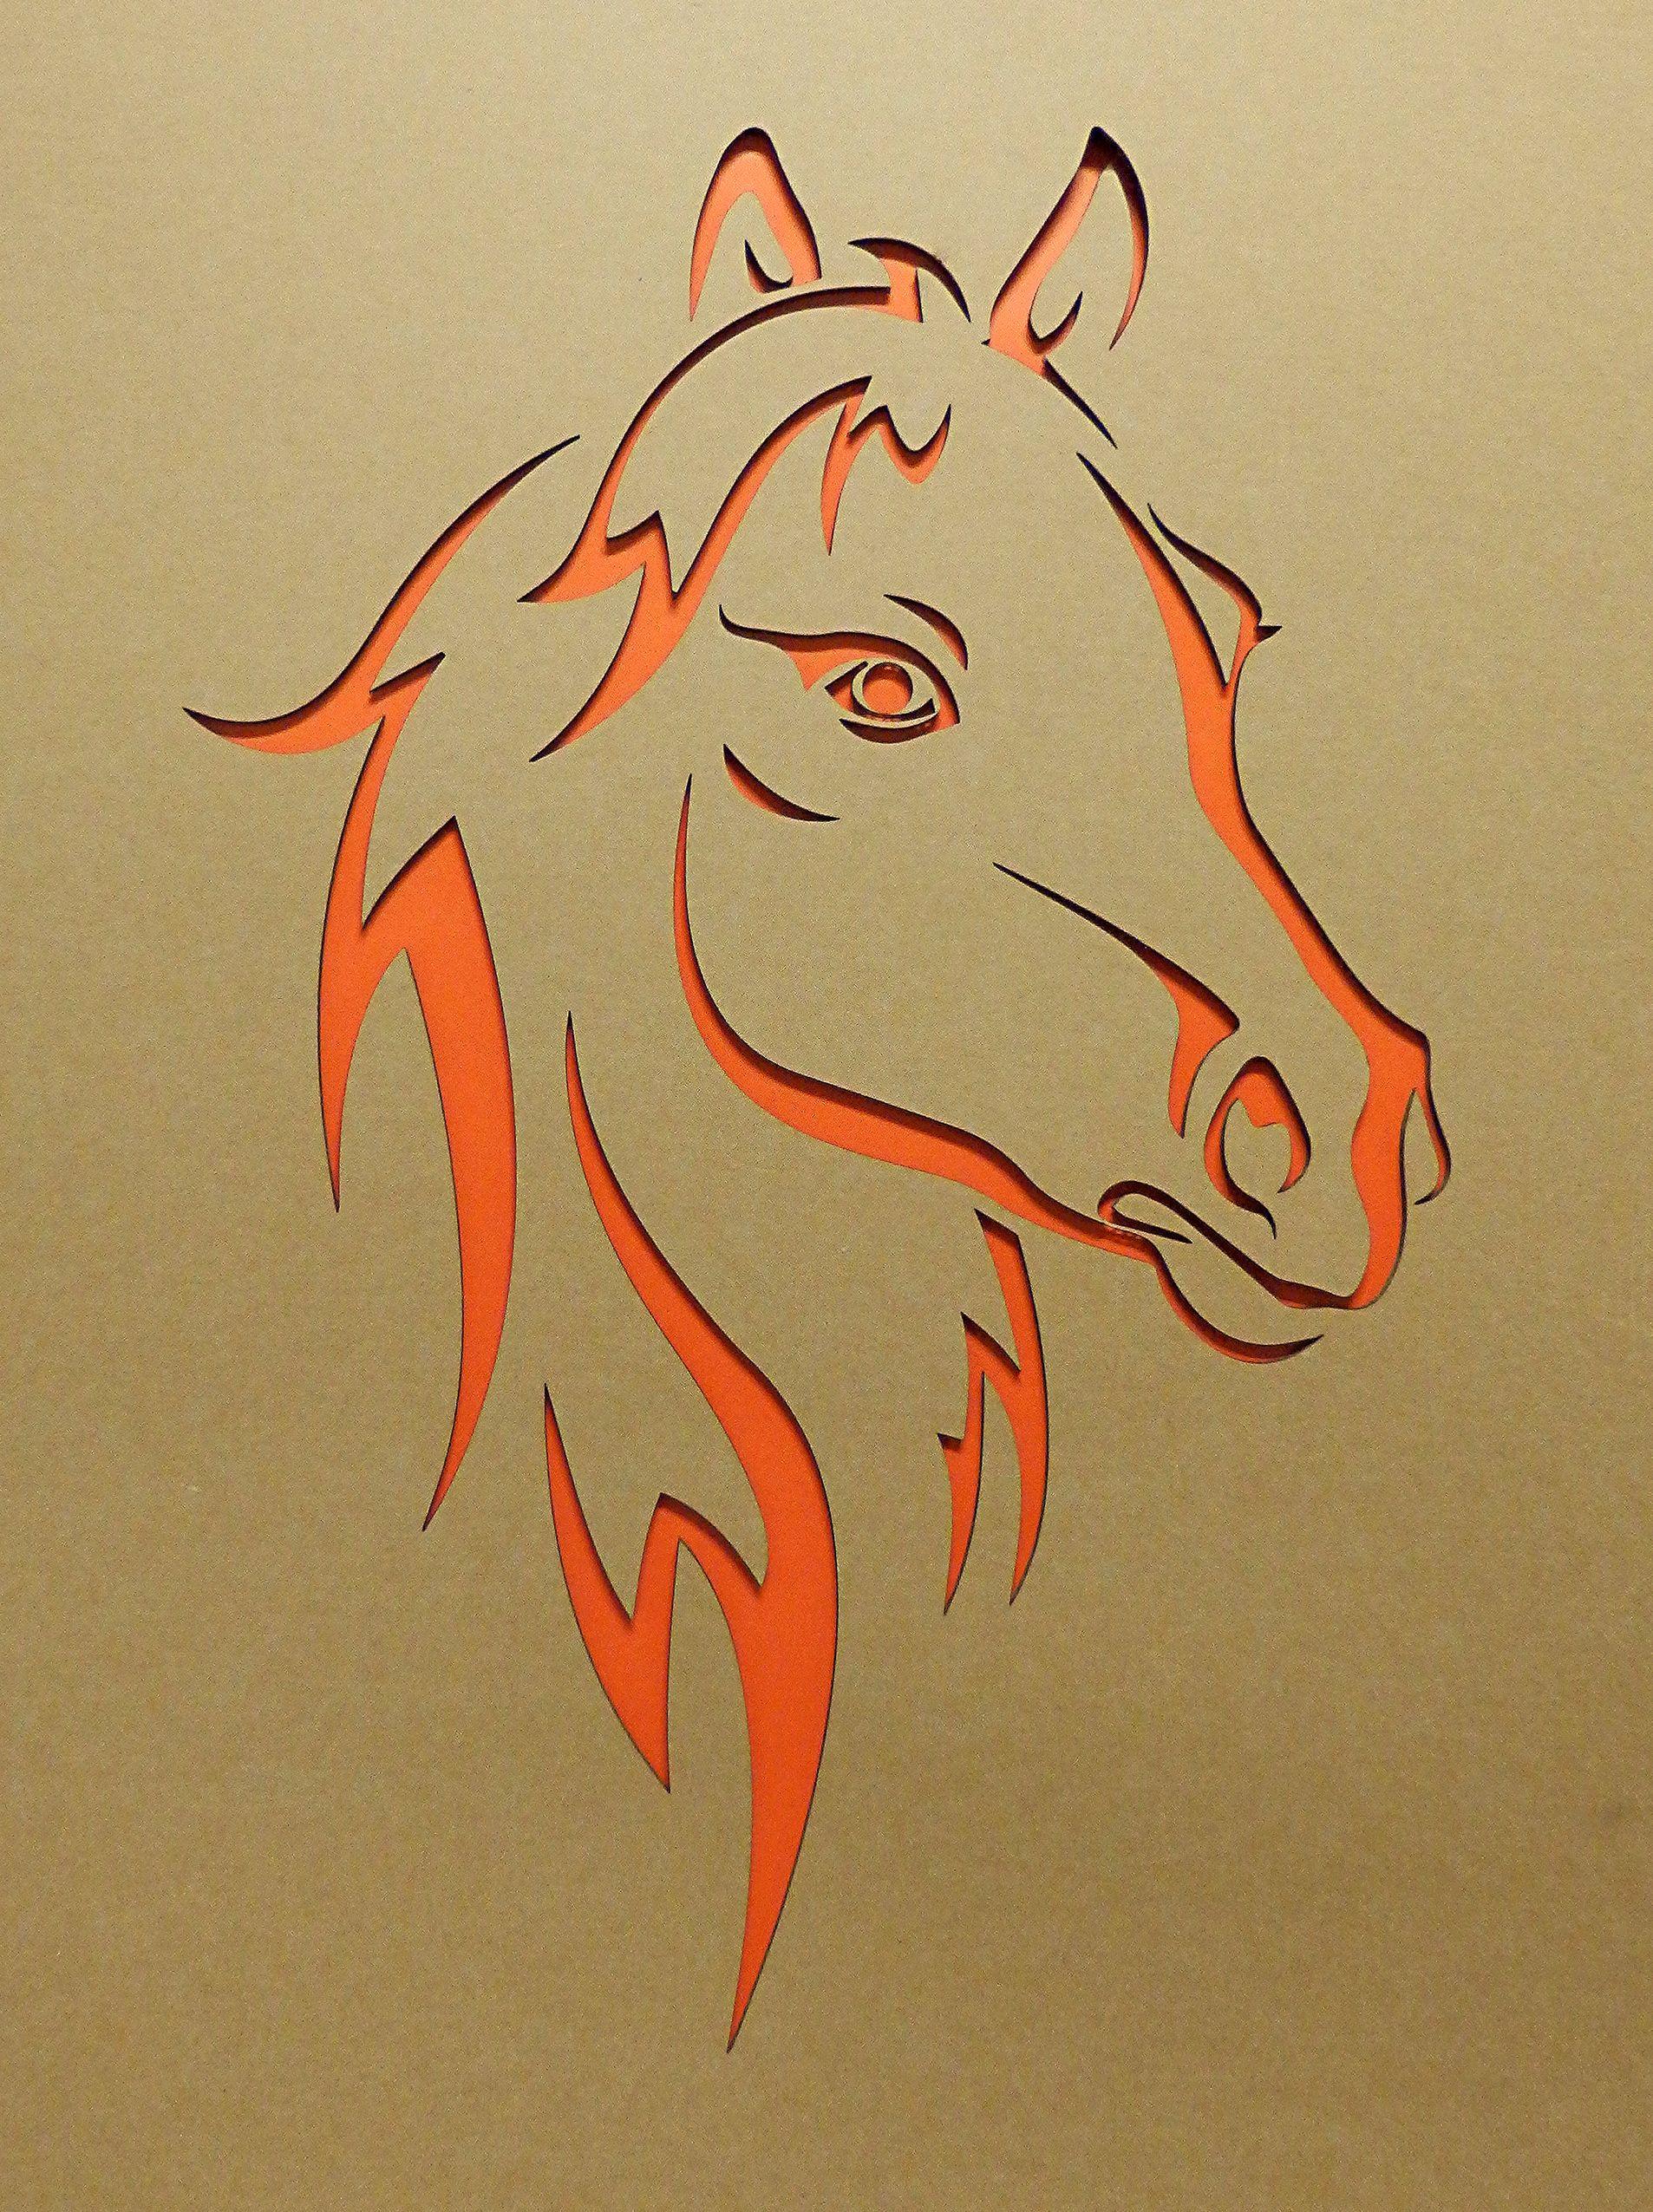 pferdekopf lasergestanzt pappkarton | laserstanzung lasergravur